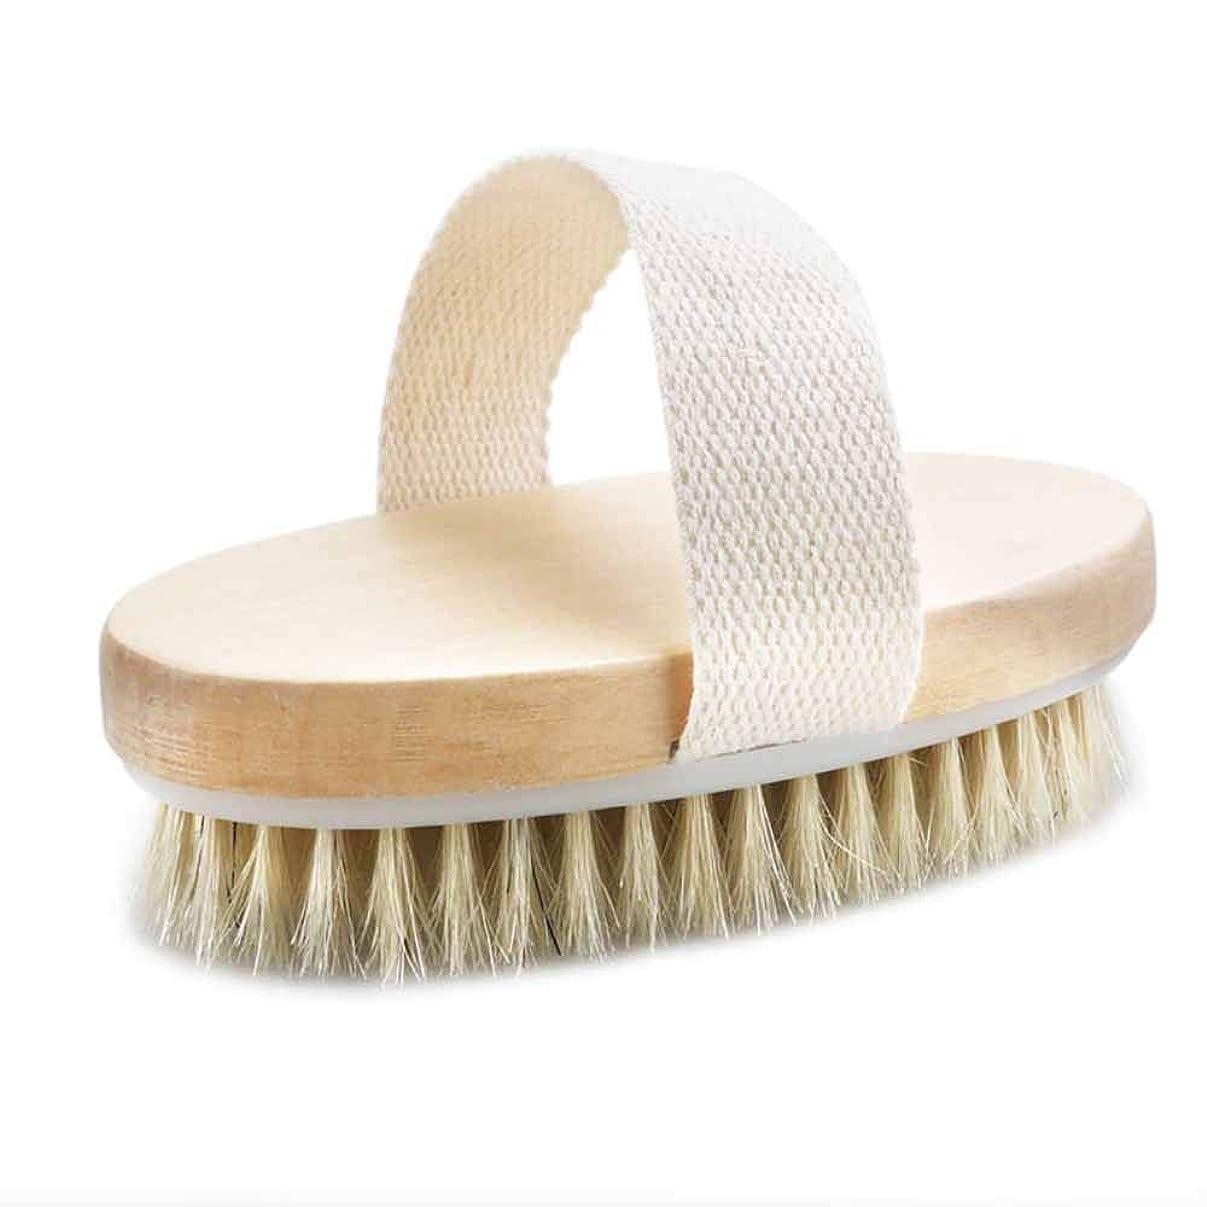 発行する時間背の高い体洗いブラシ ボディブラシ ボディクリーニングブラシ 自然な剛毛 角質除去 シャワーブラシ 角質を取り除き 乾燥したボディーブラシ ハンドルベルト付 体洗いブラシ お風呂ブラシ 角質を取り除き